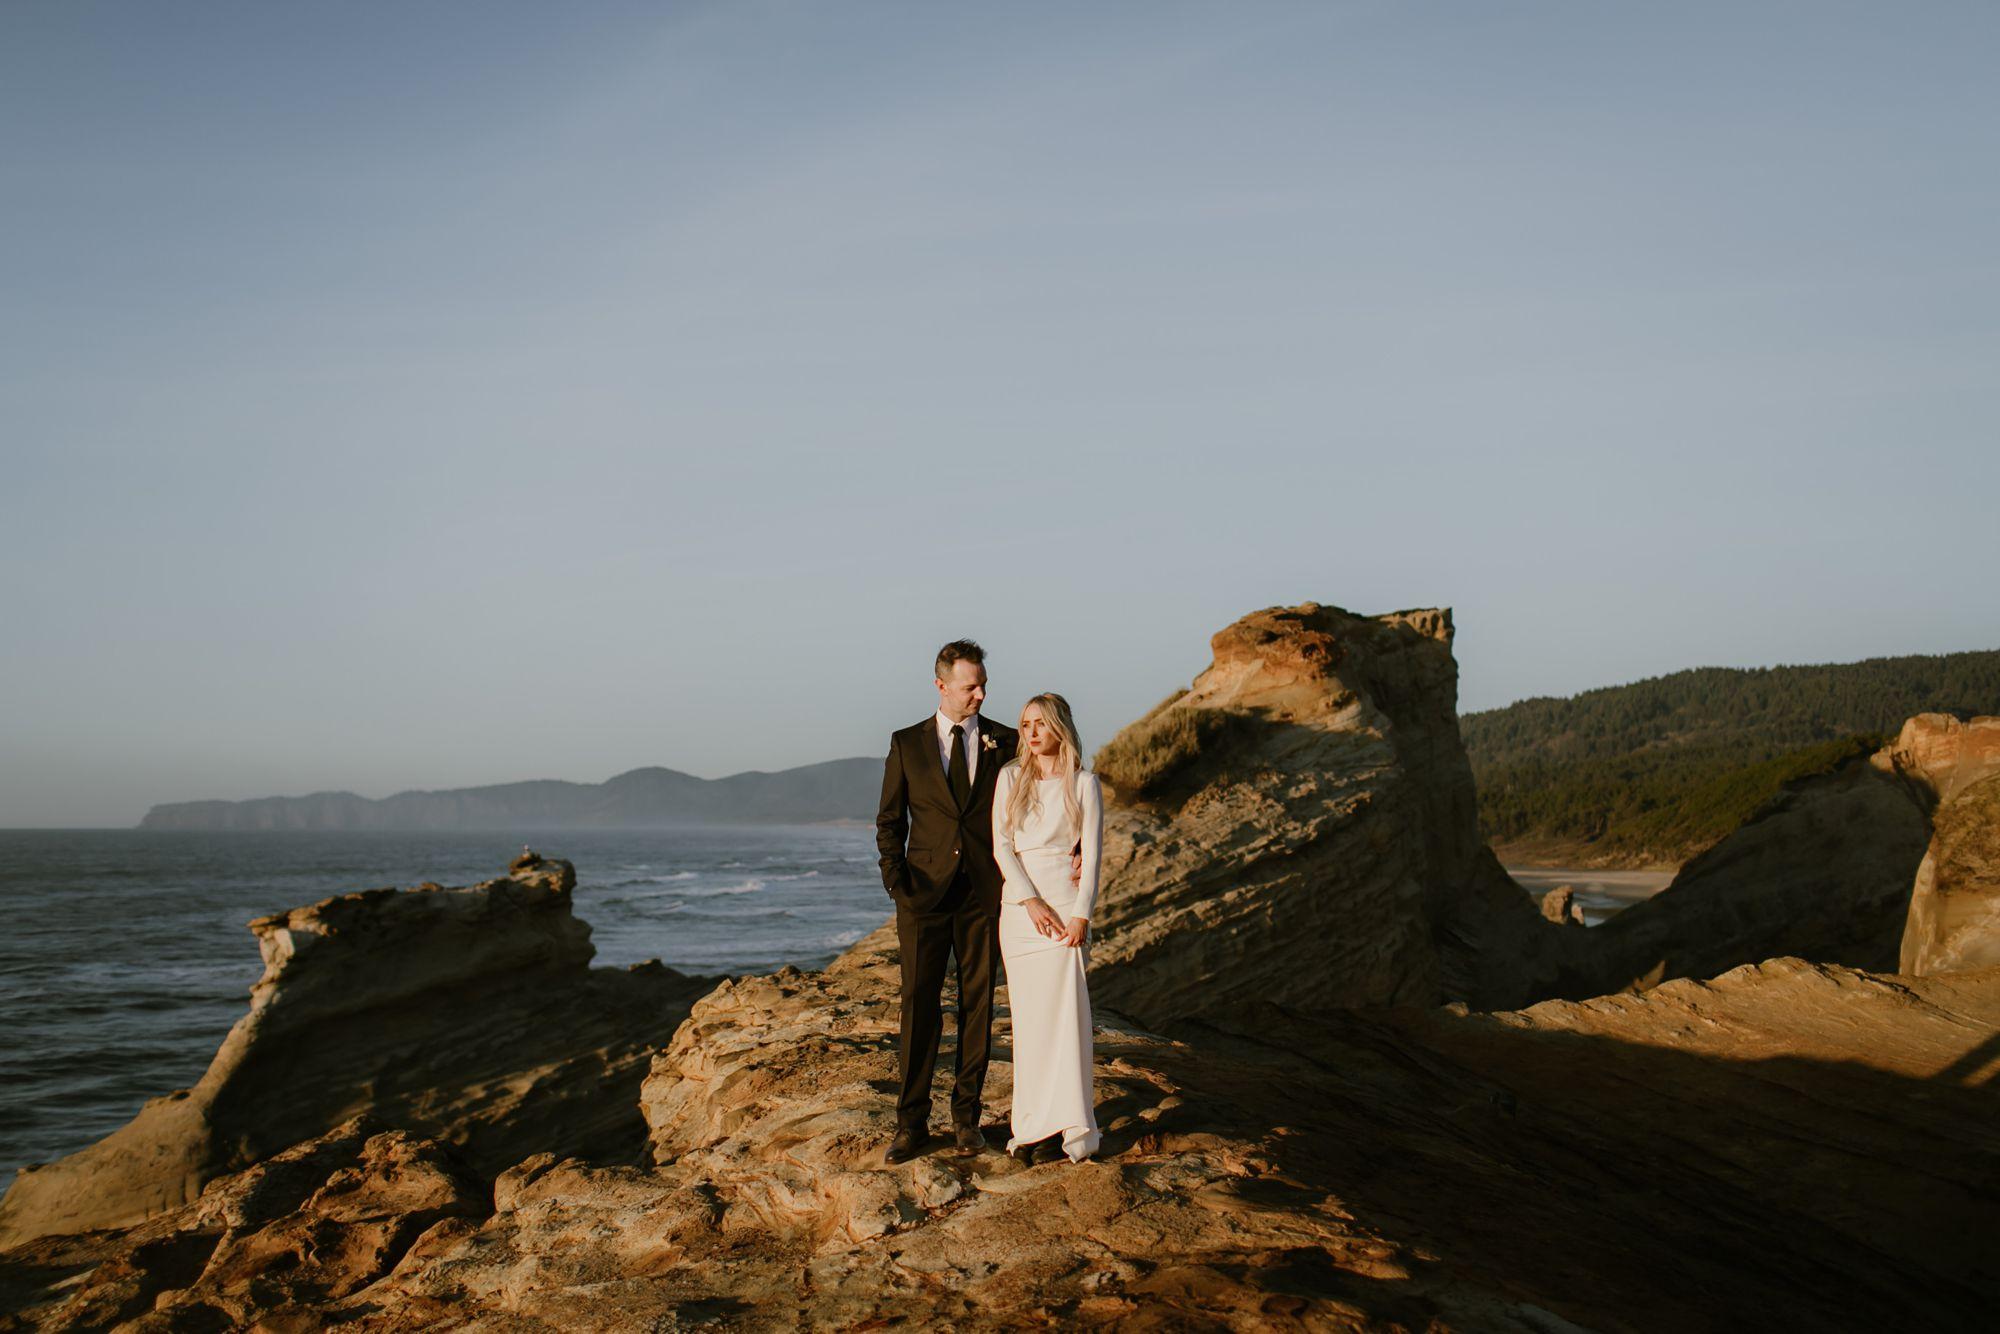 Oregon Coast wedding photo